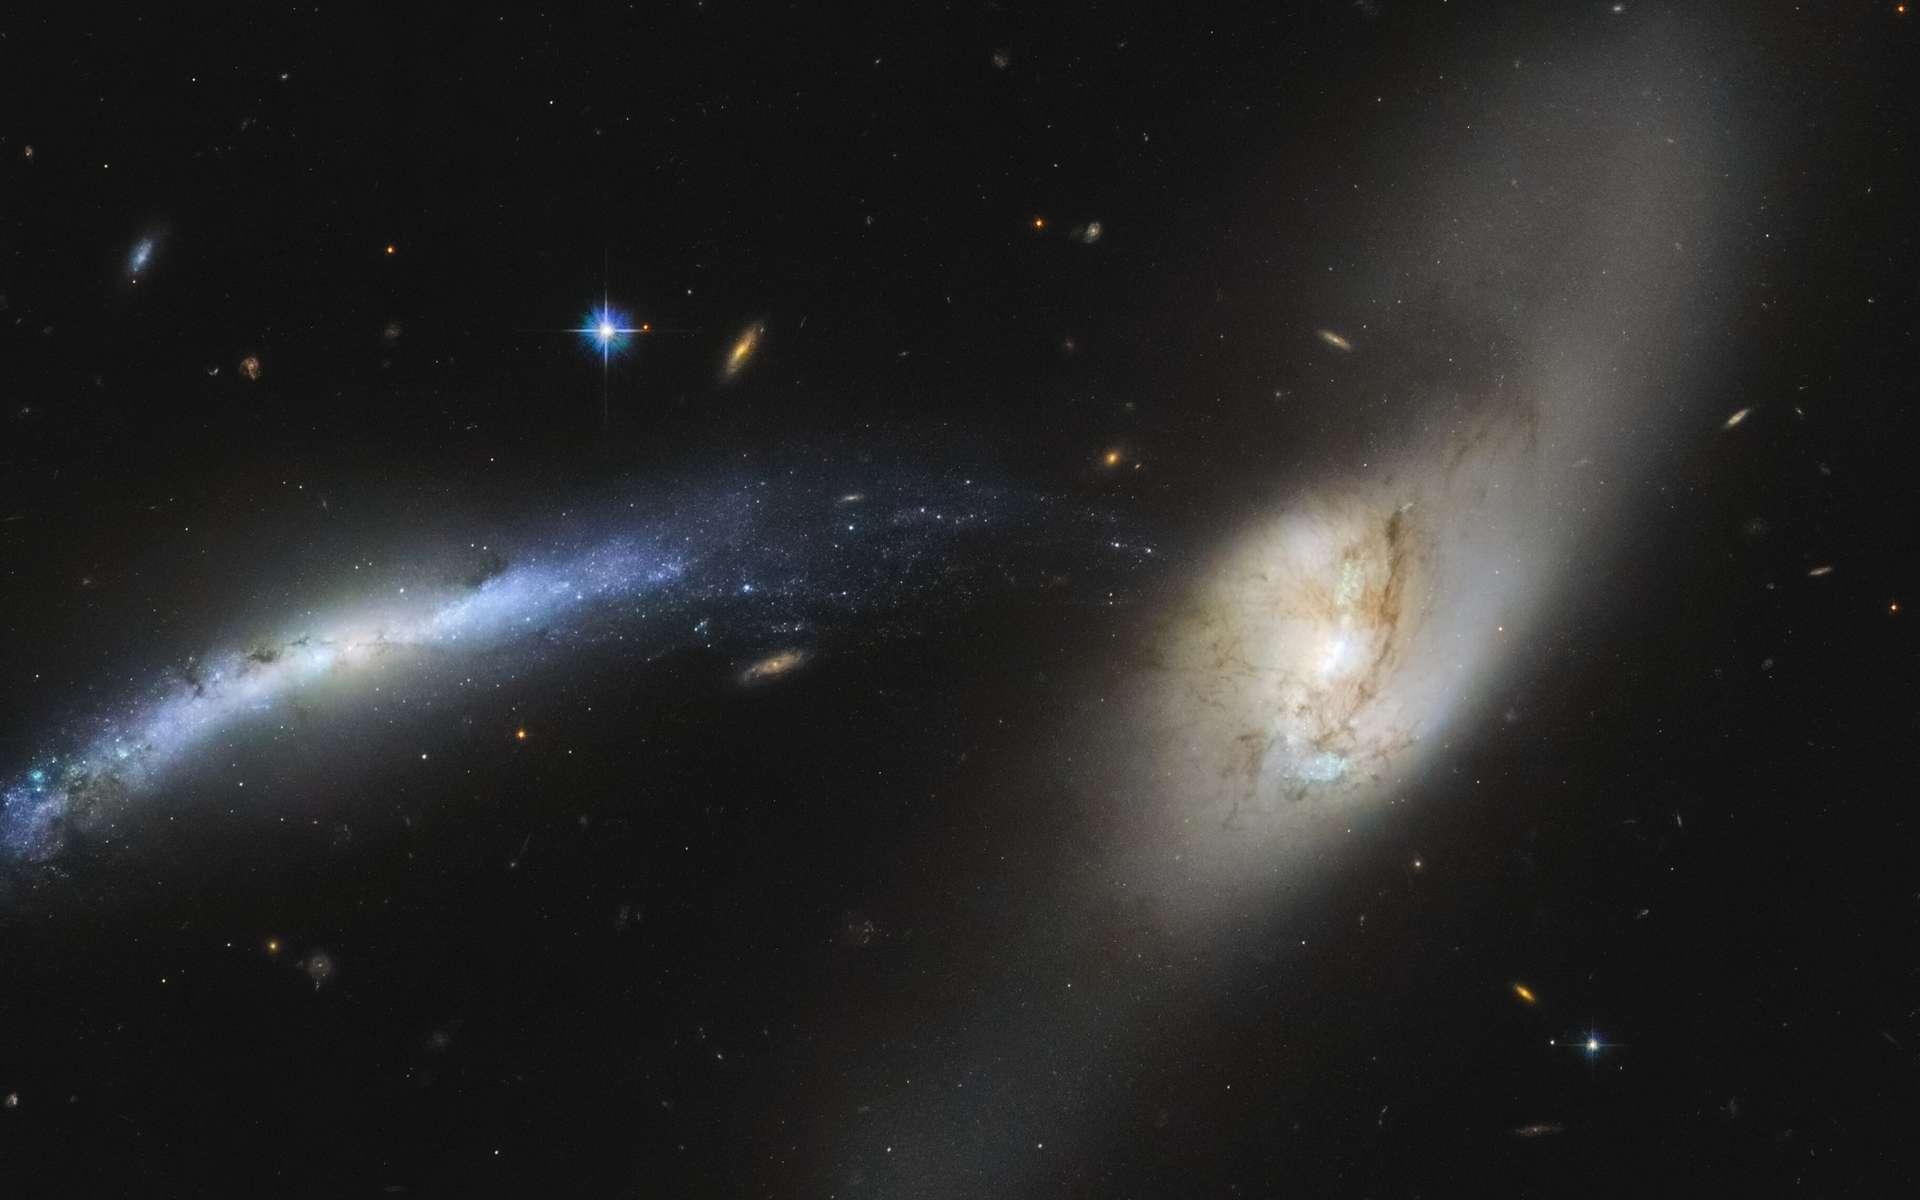 Les collisions font partie de la vie des galaxies. Mais parvenir à établir quels types de collisions ont façonné une galaxie et plus encore notre Voie lactée n'est pas aisé. Des chercheurs de l'université de Heidelberg (Allemagne) y sont pourtant parvenus. Ils présentent aujourd'hui, un premier arbre généalogique de notre Galaxie. En image, rencontre entre les galaxies NGC 2799 (à gauche) et NGC 2798 (à droite) photographiée par le télescope spatial Hubble. © ESA, Hubble, Nasa, SDSS, J. Dalcanton, Judy Schmidt (Geckzilla) © allexxandarx, Adobe Stock